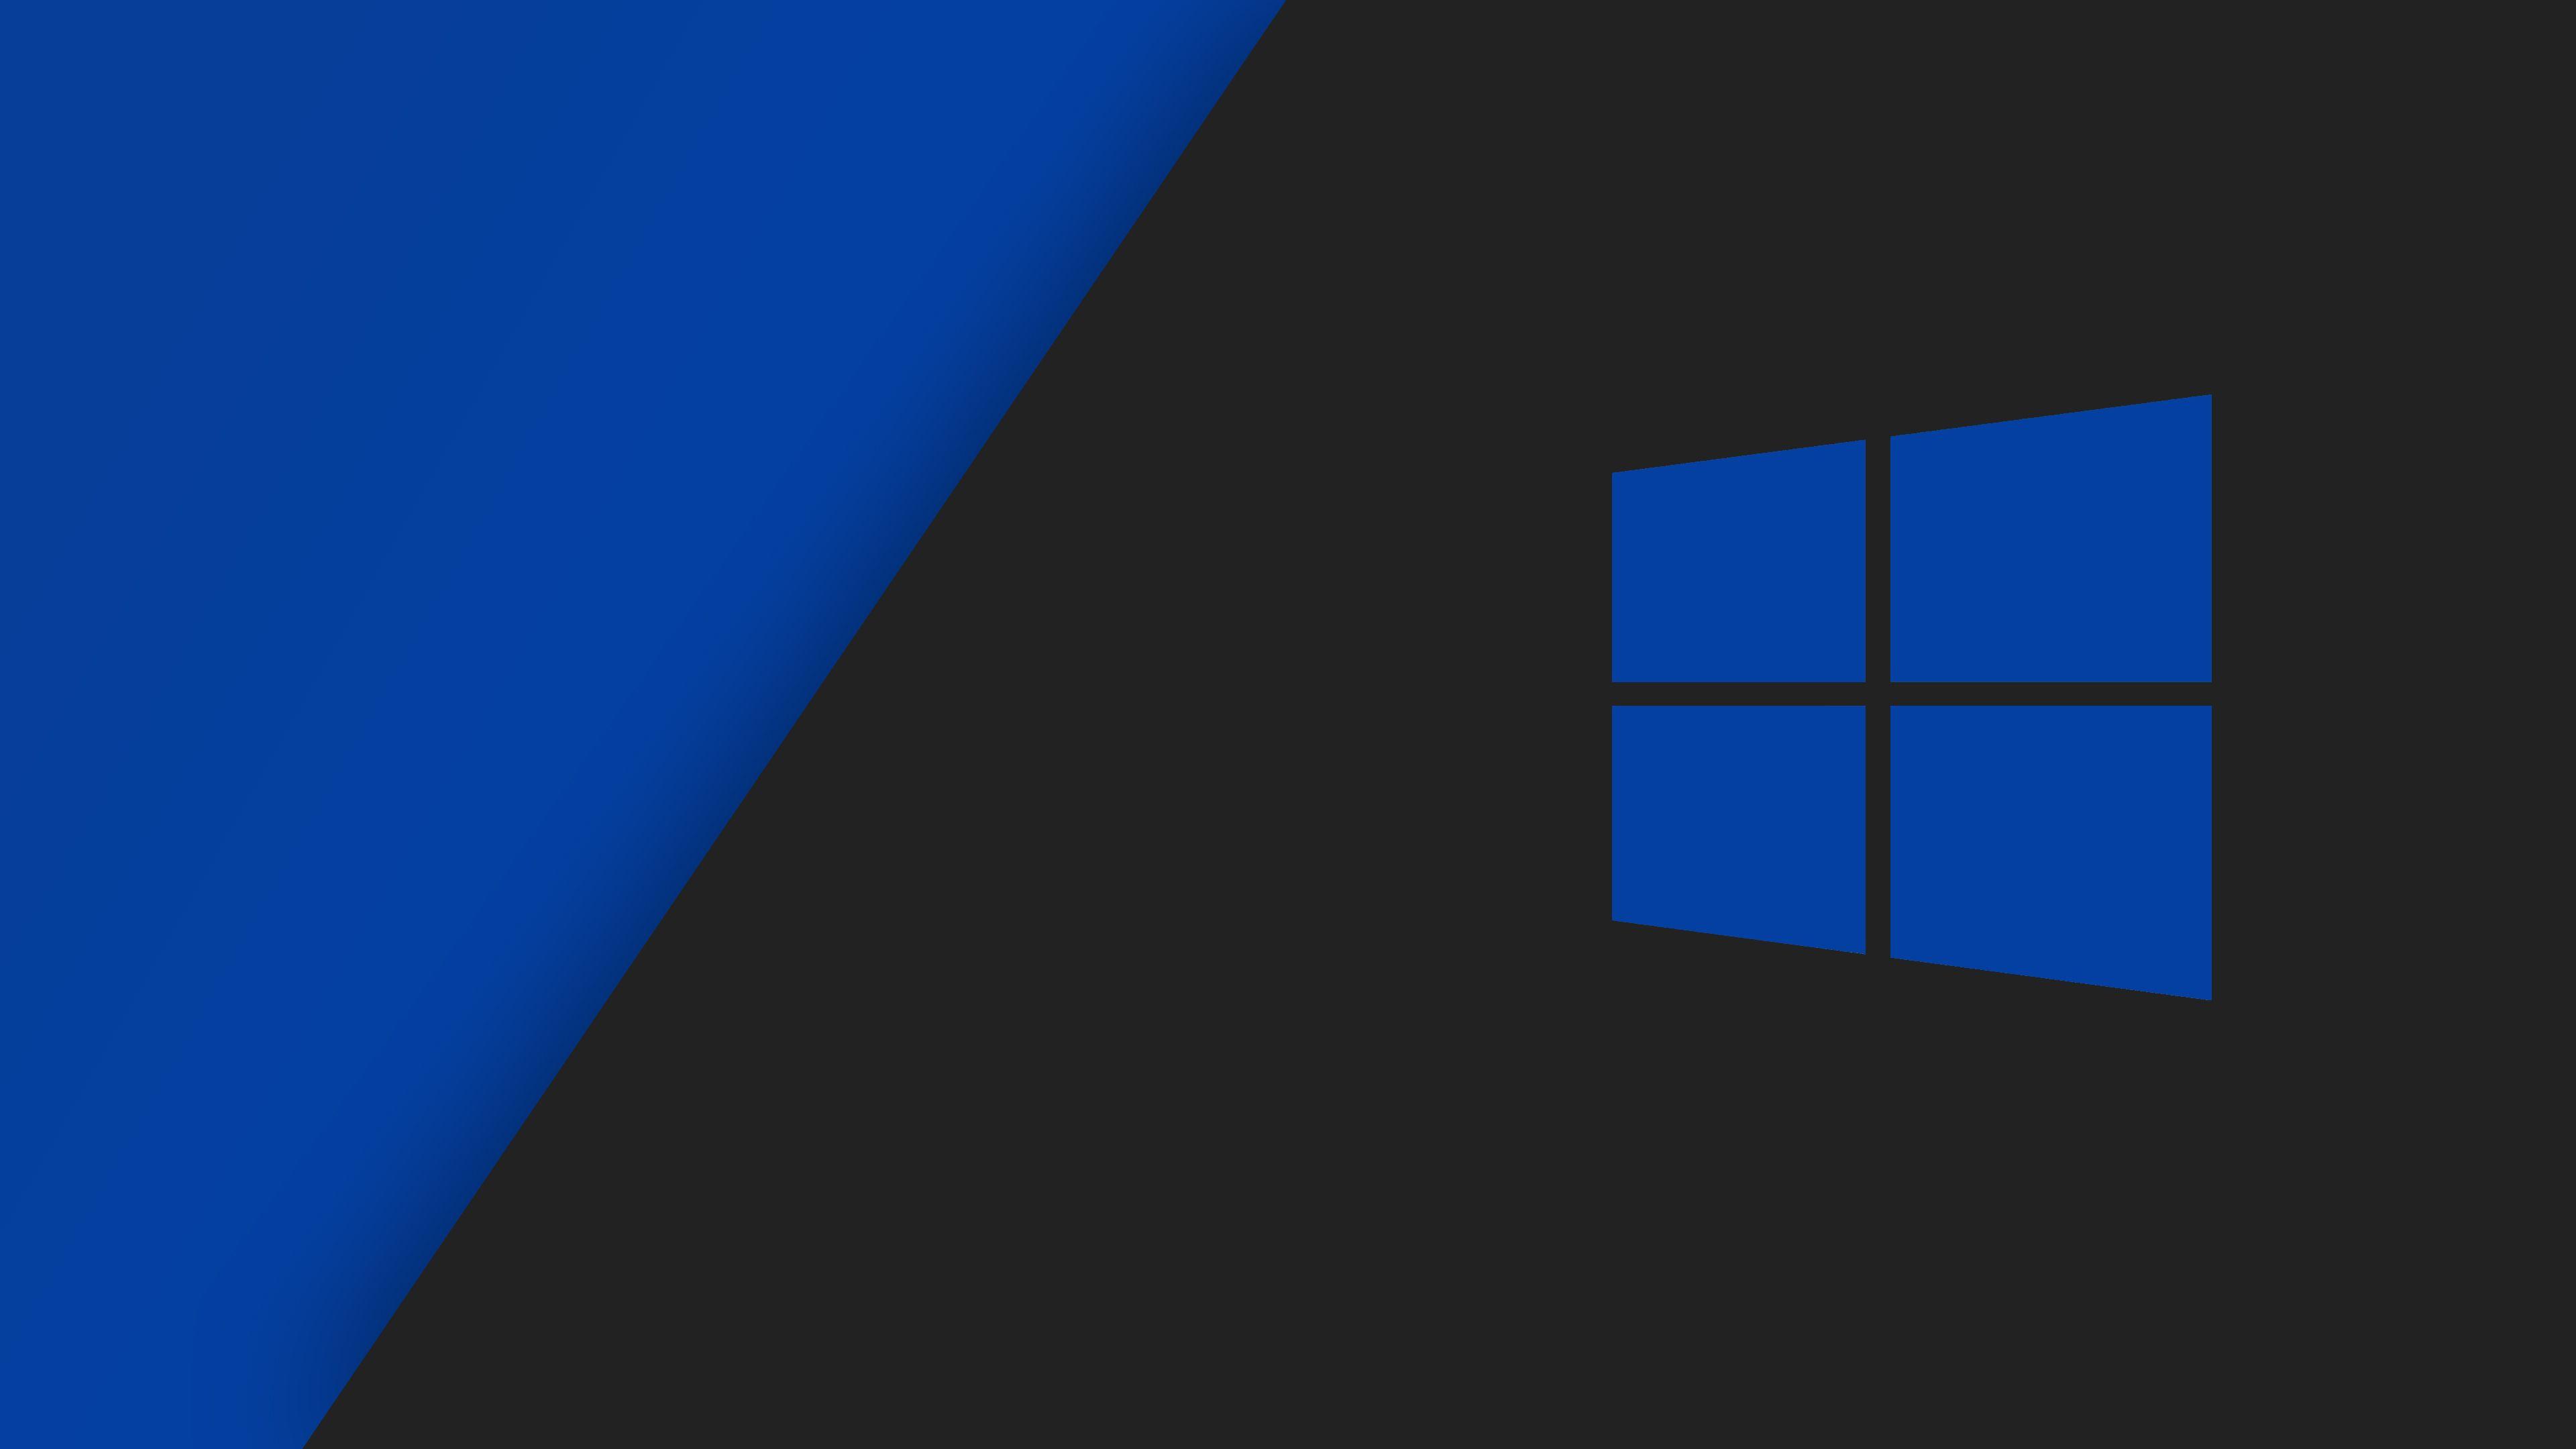 Windows 7 Seven Wallpaper Fondos De Escritorio Wallpapers: Windows 10 Wallpaper HD Desktop Backgrounds.